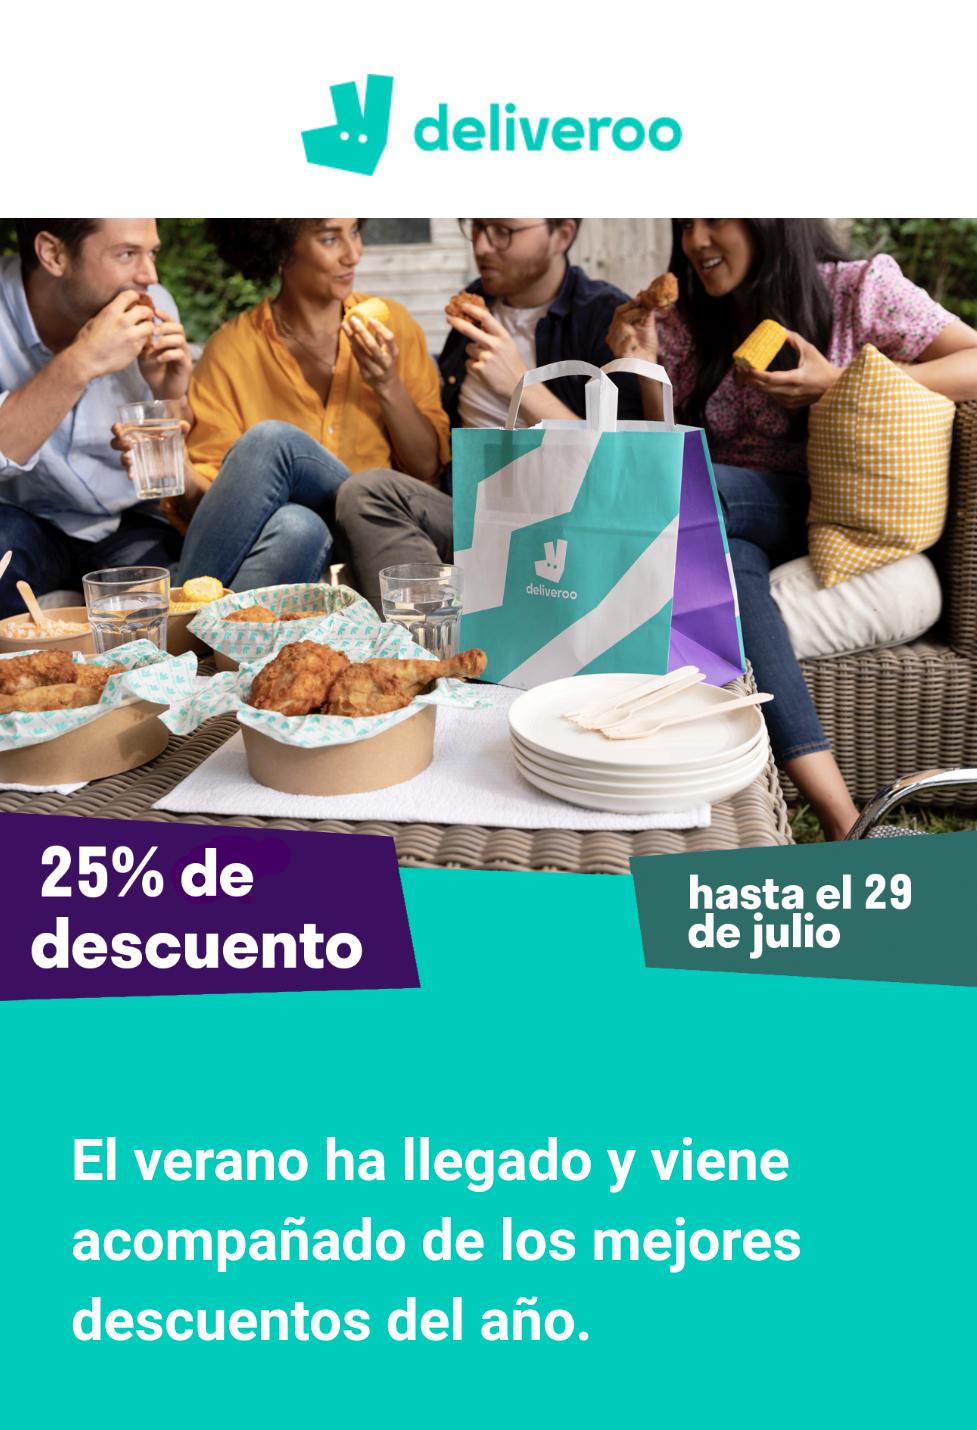 25% de descuento en varios restaurantes [Deliveroo]